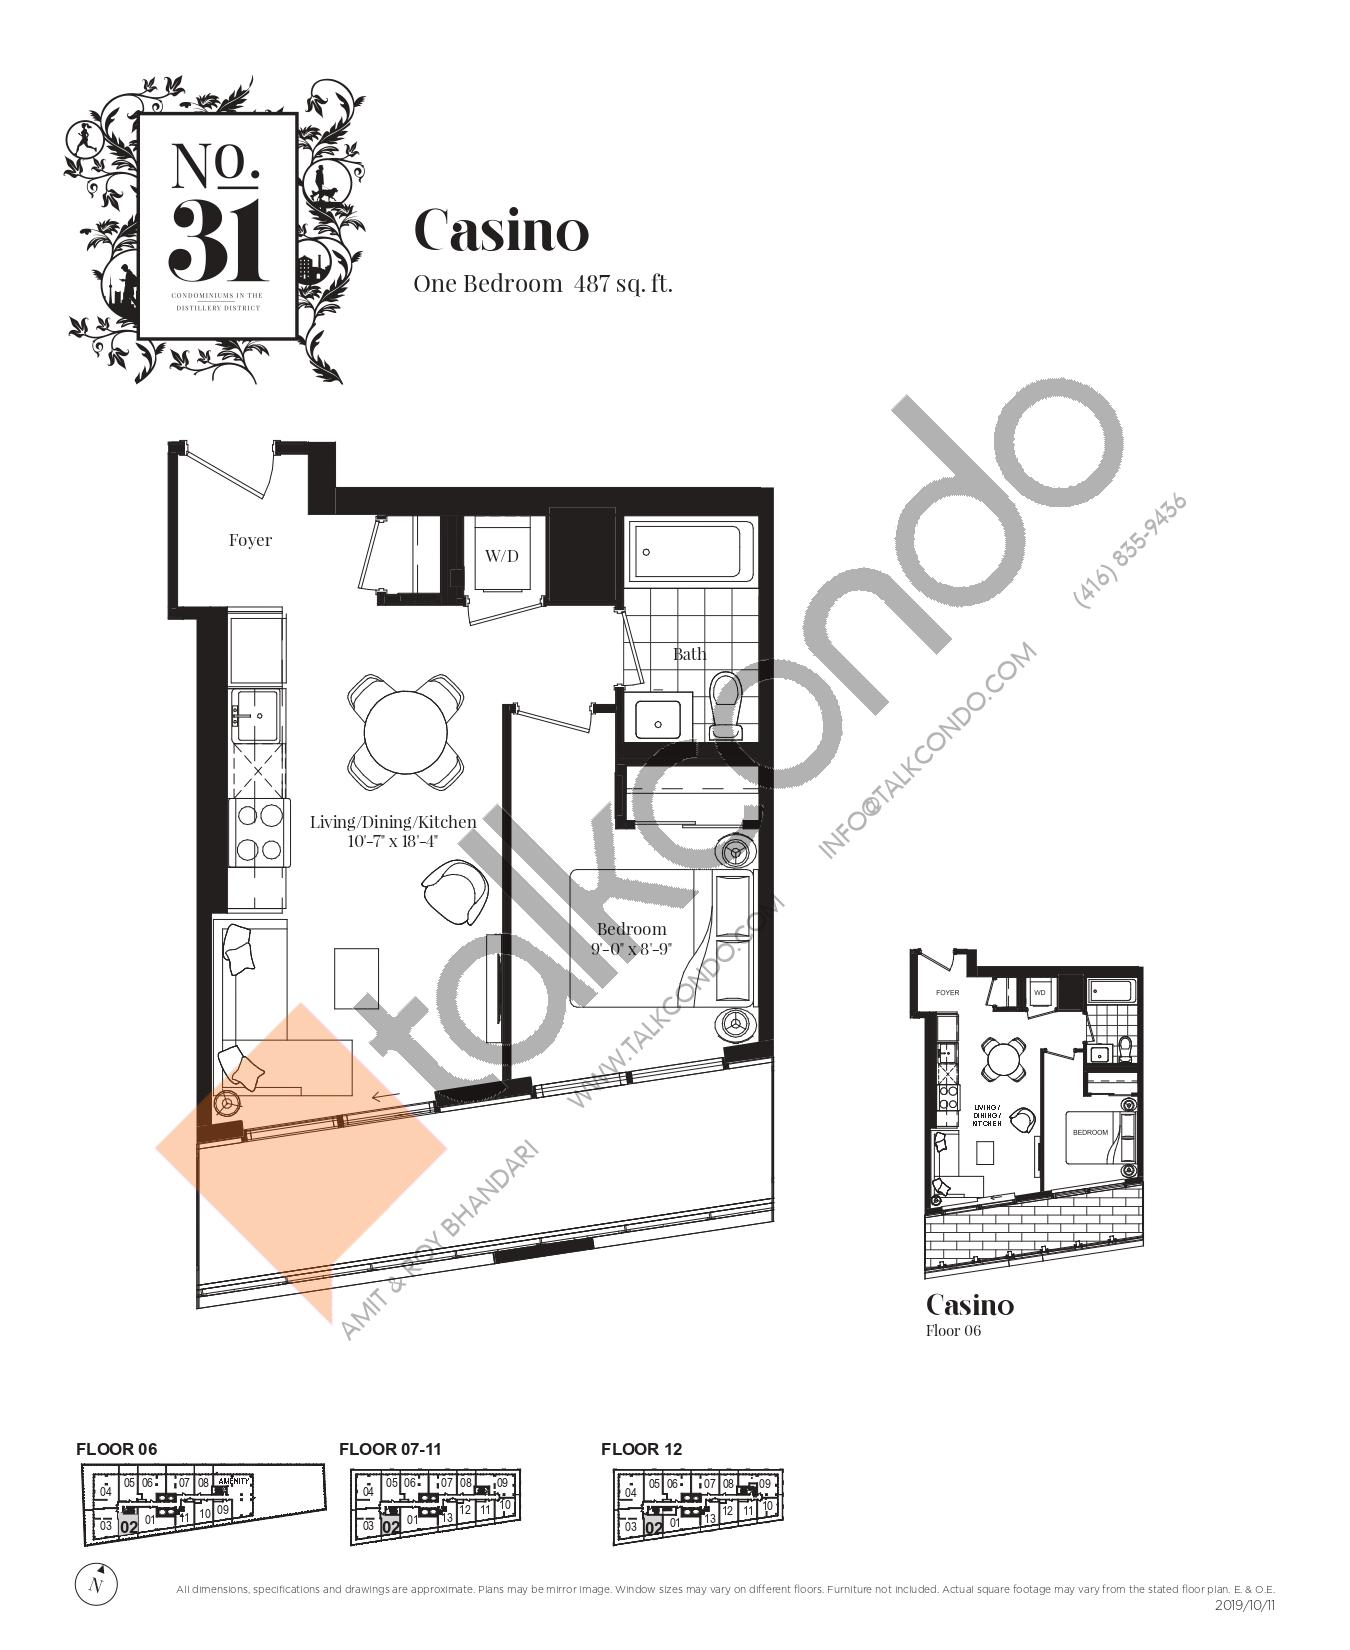 Casino Floor Plan at No. 31 Condos - 487 sq.ft